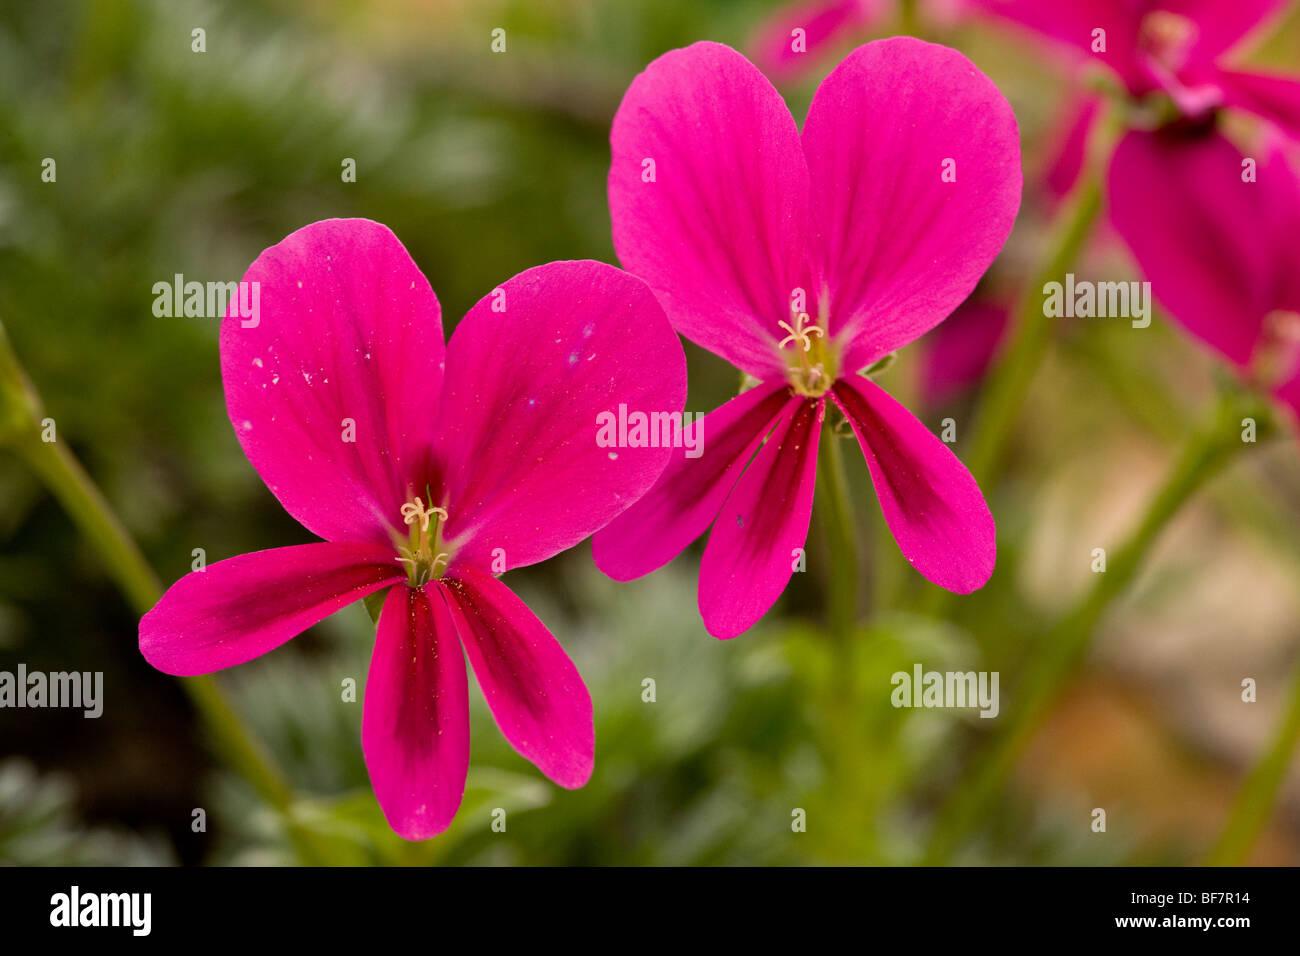 magenta geranium Pelargonium magenteum - Stock Image